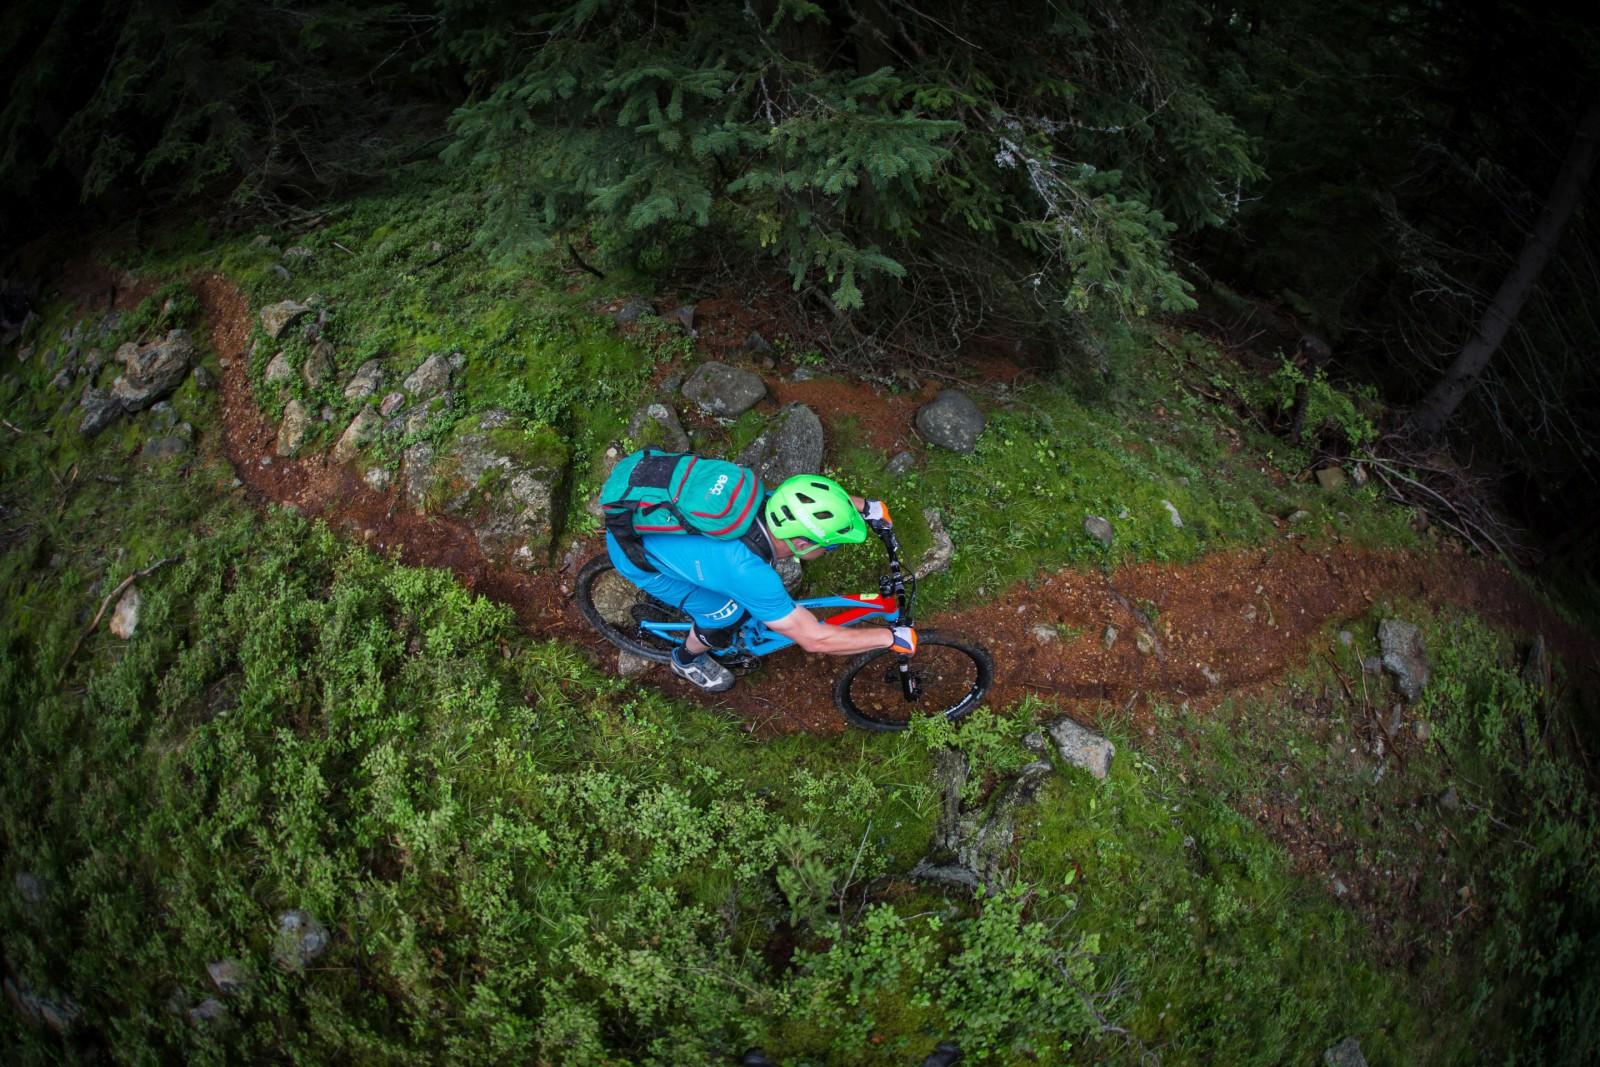 ... -Touren, Mallorca, Mountainbike-Fahrtechnik-Singletrail, Veranstalter